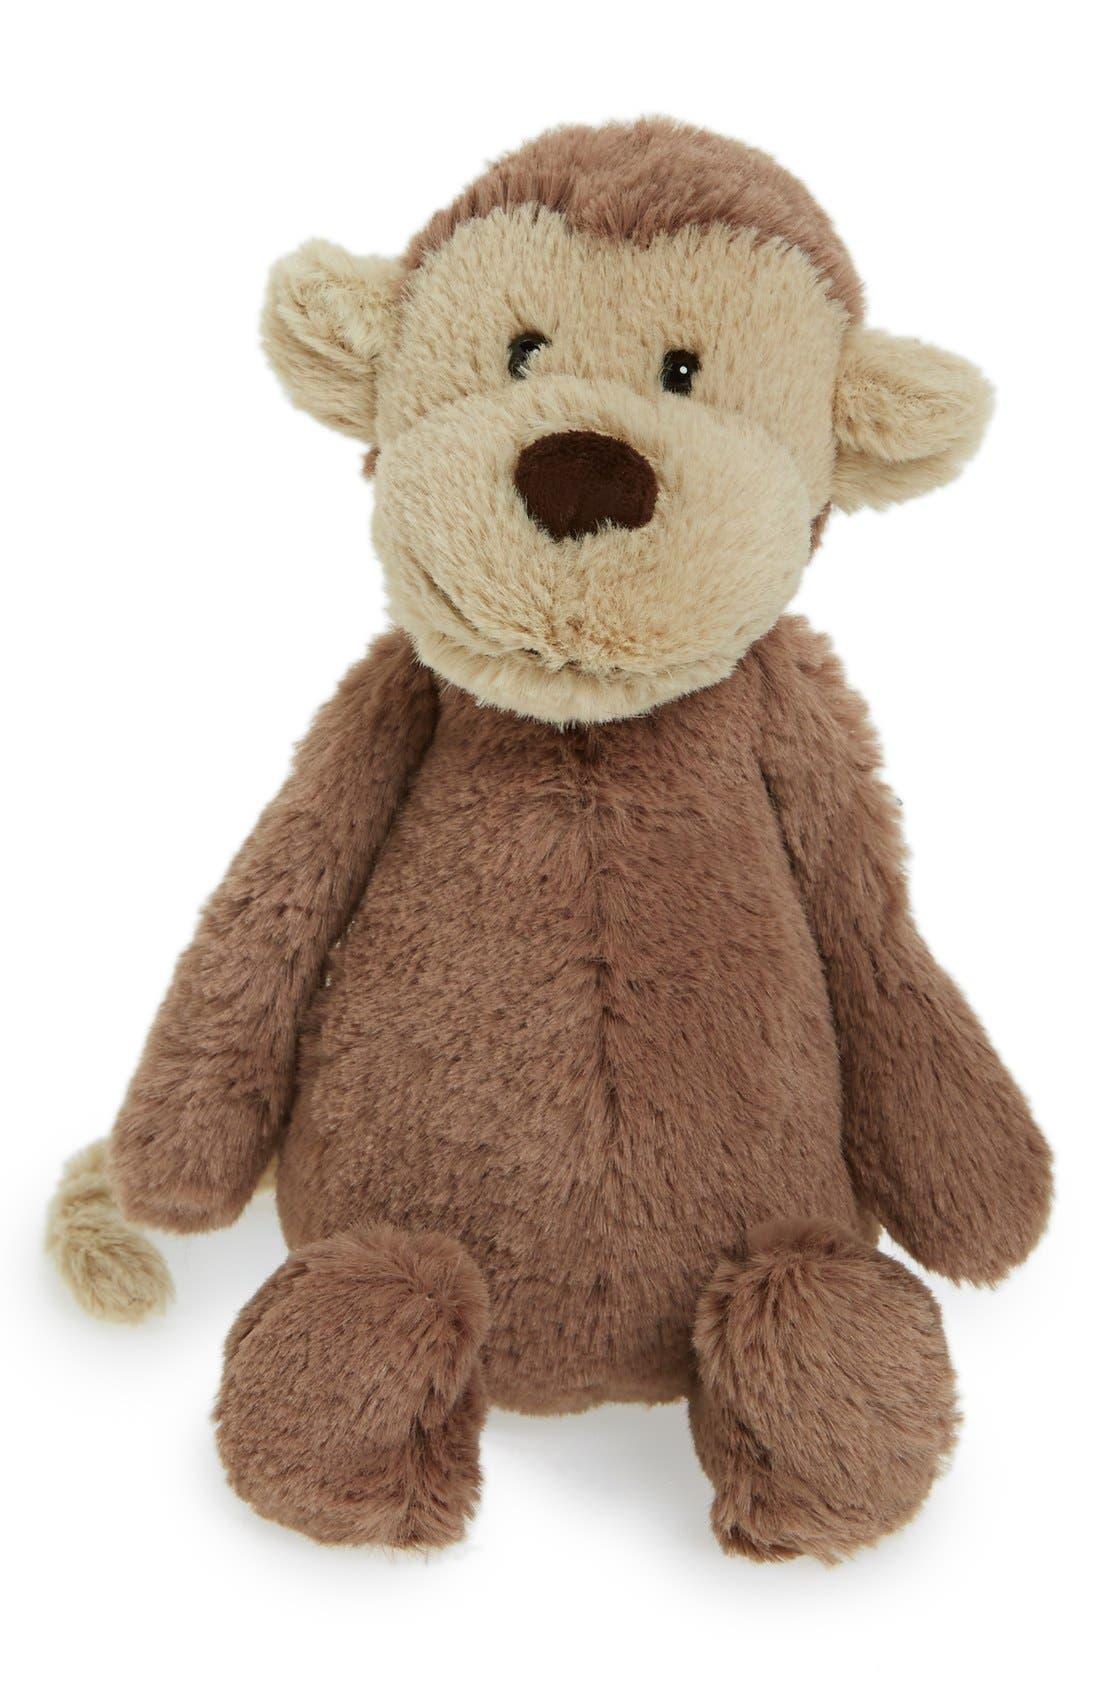 Main Image - Jellycat 'Small Bashful Monkey' Stuffed Animal